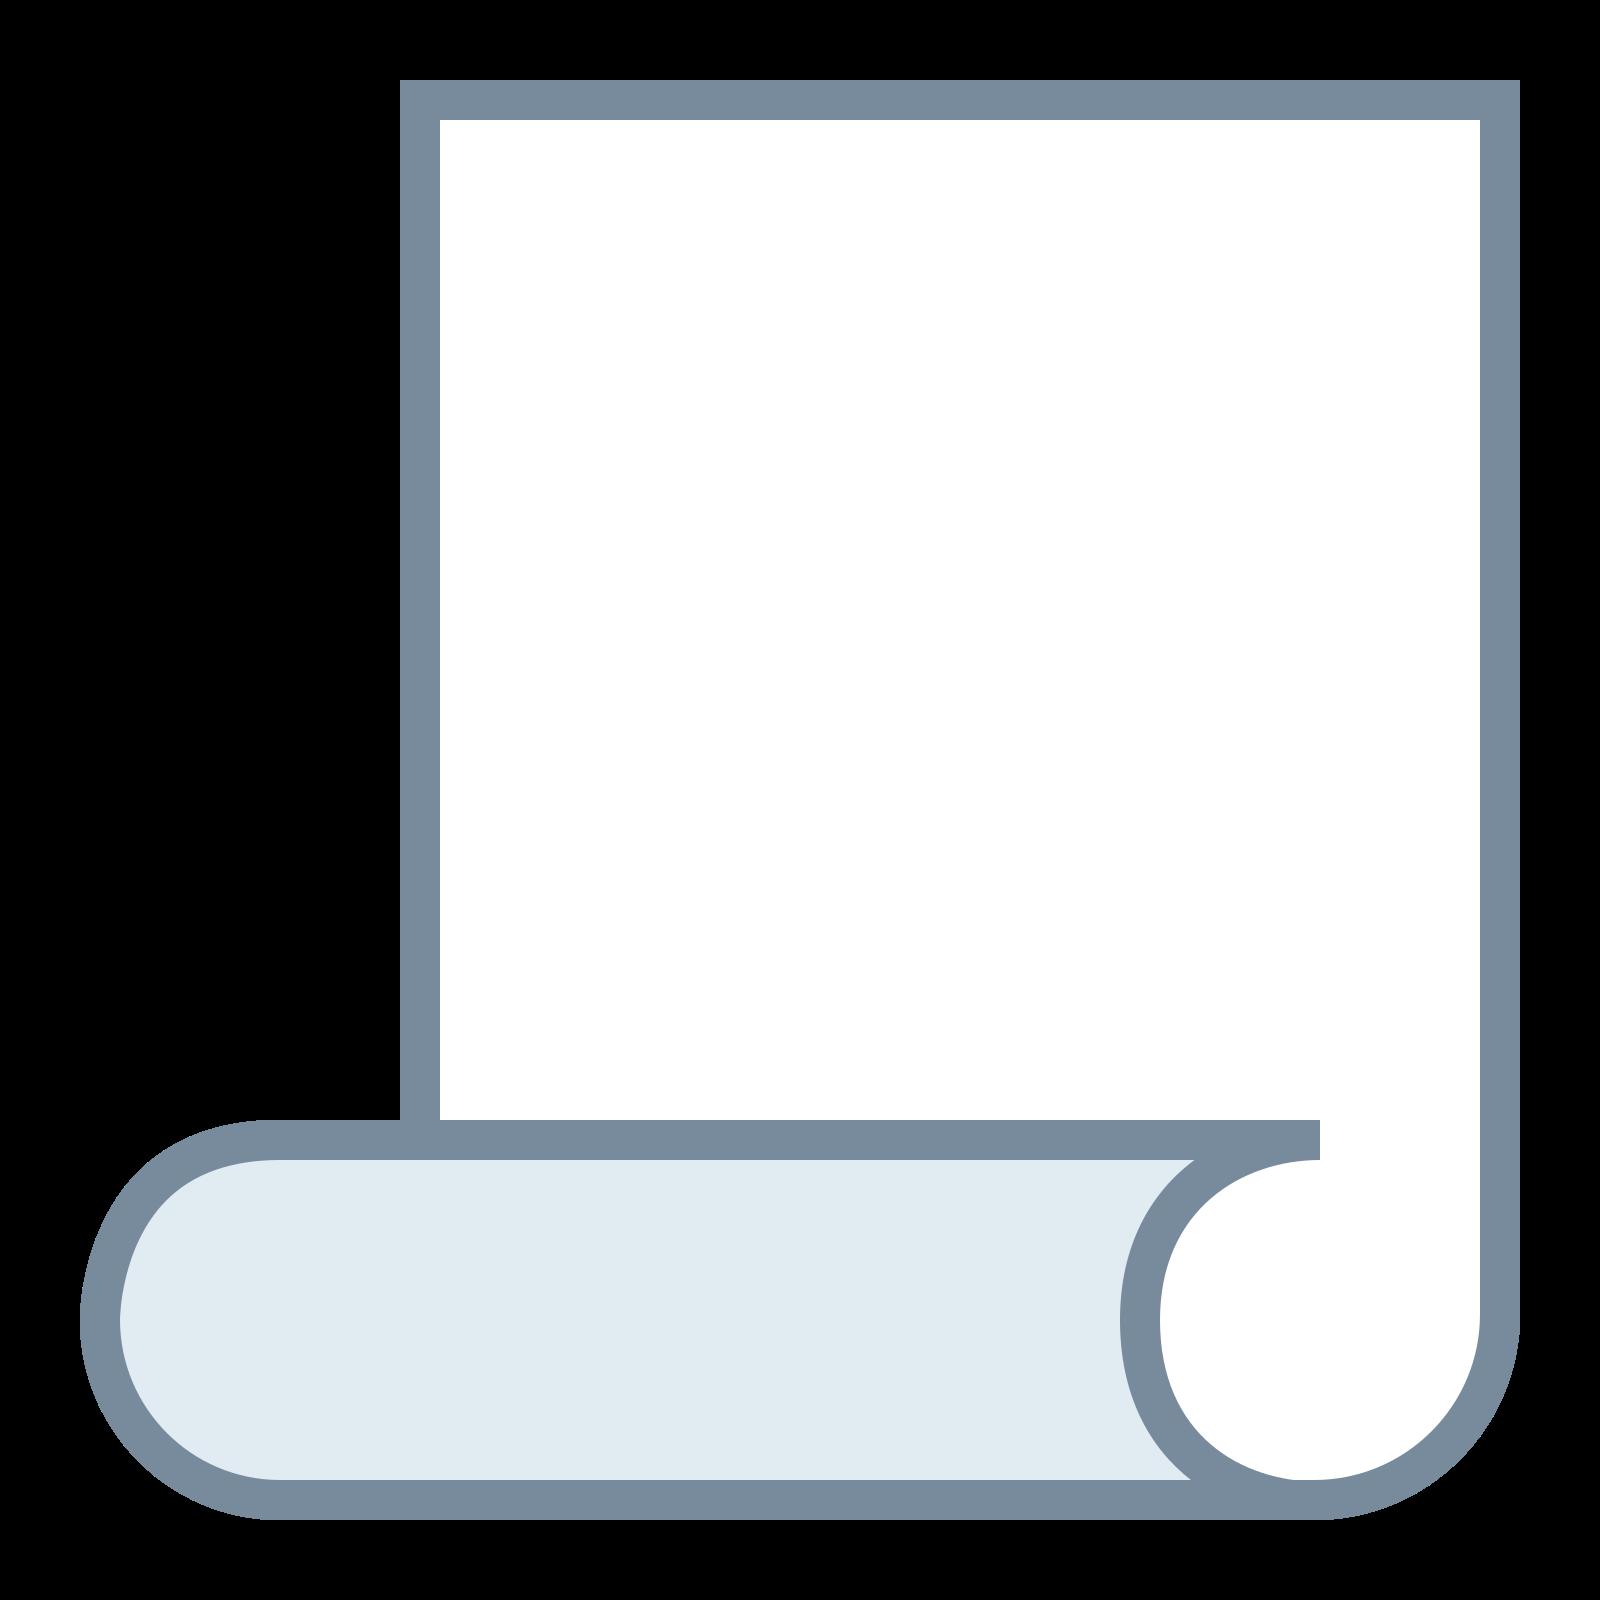 紙 icon